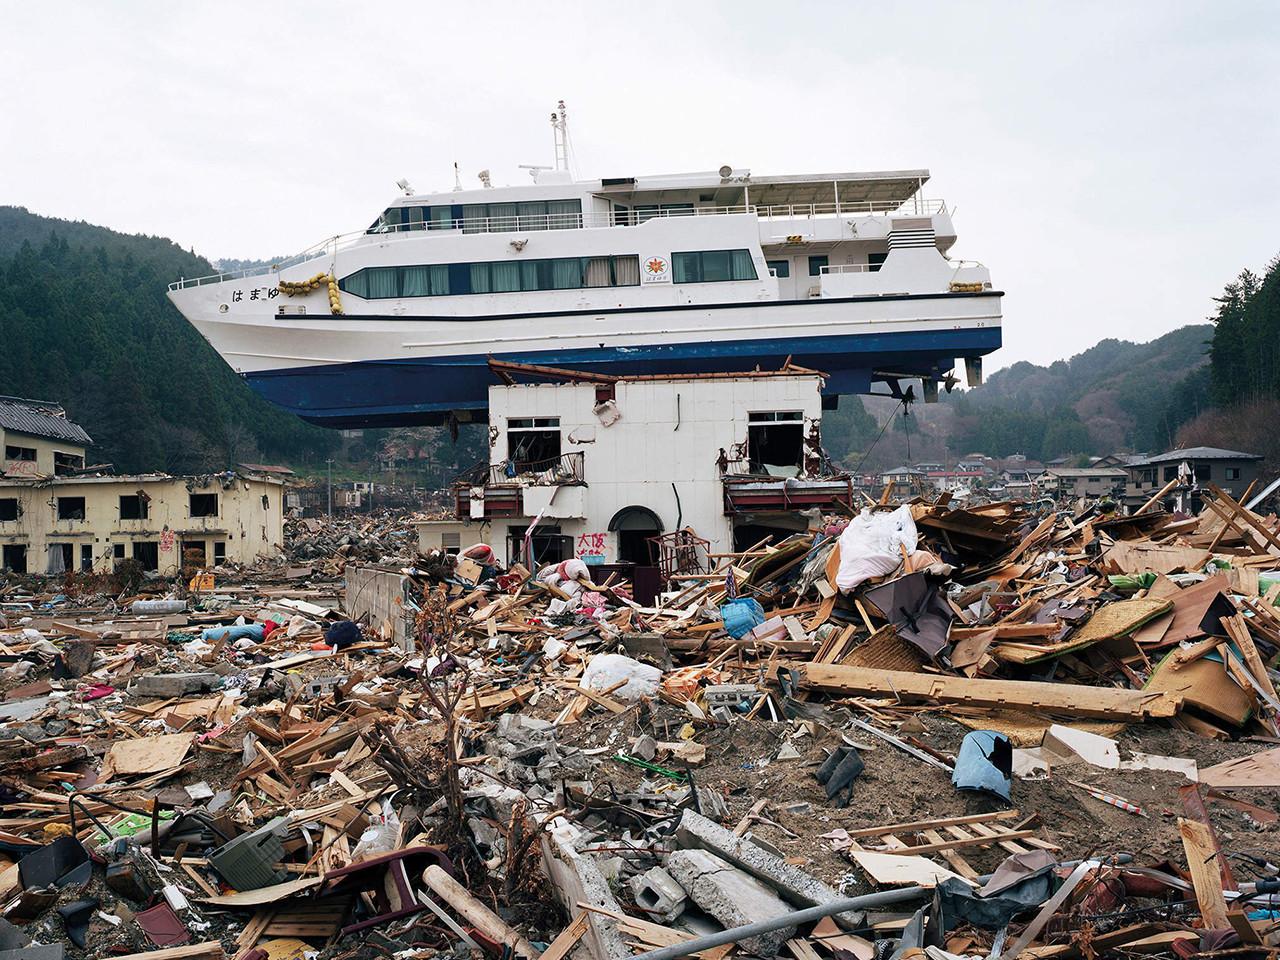 E se le cose cominciassero a precipitare? (V parte) - Pagina 18 Boat-on-House-Resize-2